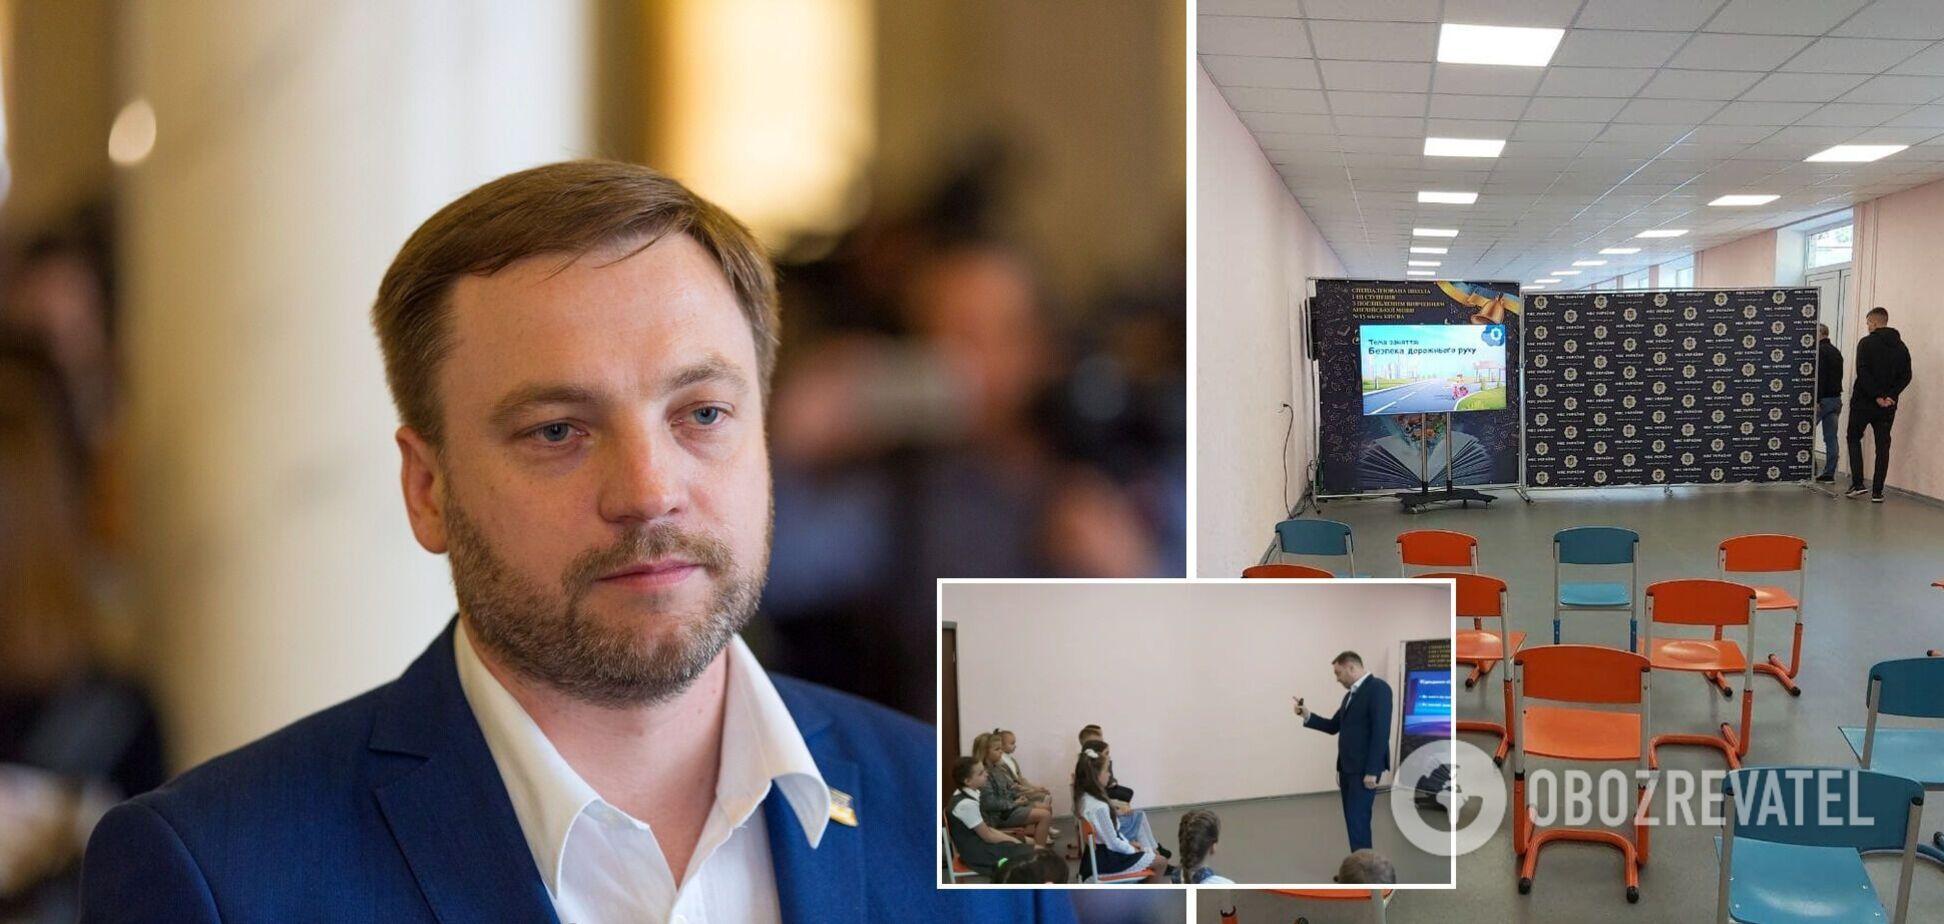 Очільник МВС Монастирський розповів учням однієї з київських шкіл про безпеку на дорозі. Фото та відео